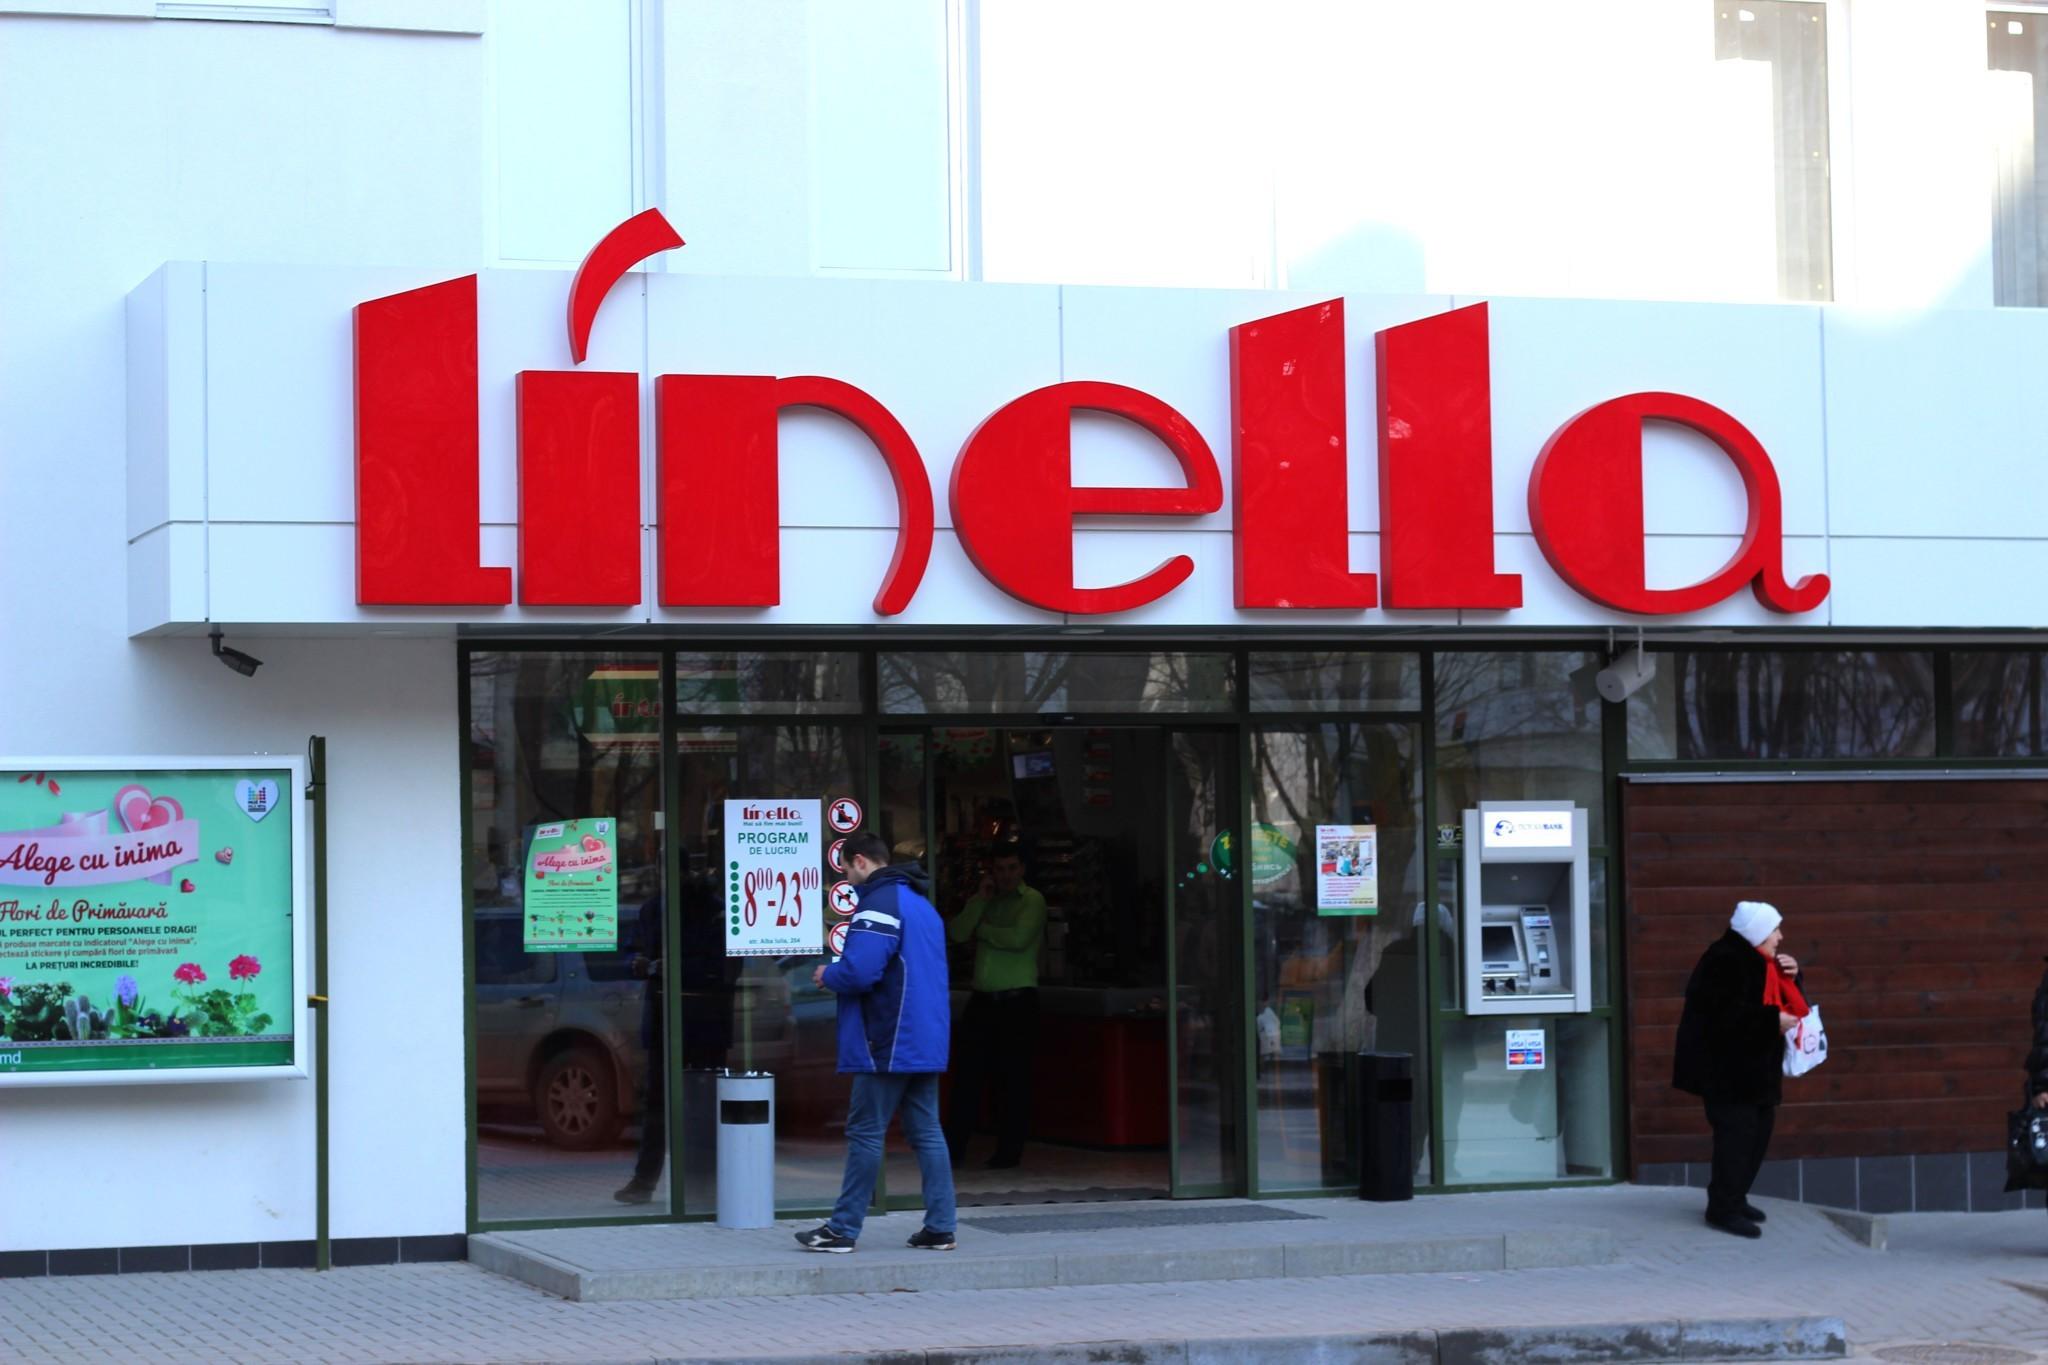 După ce a anunțat că vrea să cumpere Fidesco, acum Linella vrea să mai preia o companie